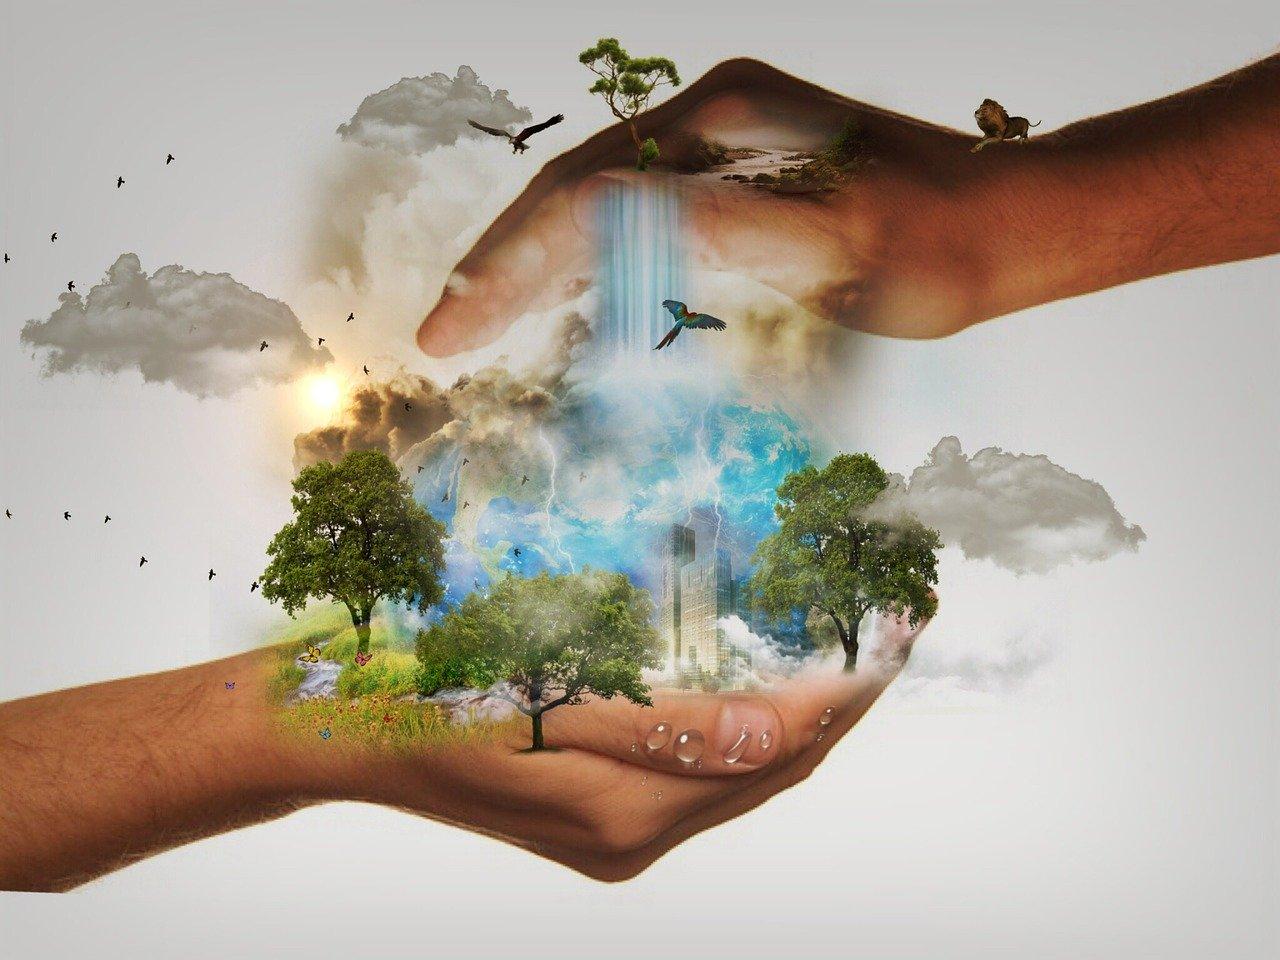 újévi fogadalom, egészségesebb,zöldebb, természetesebb, környezetbarátabb életmódért